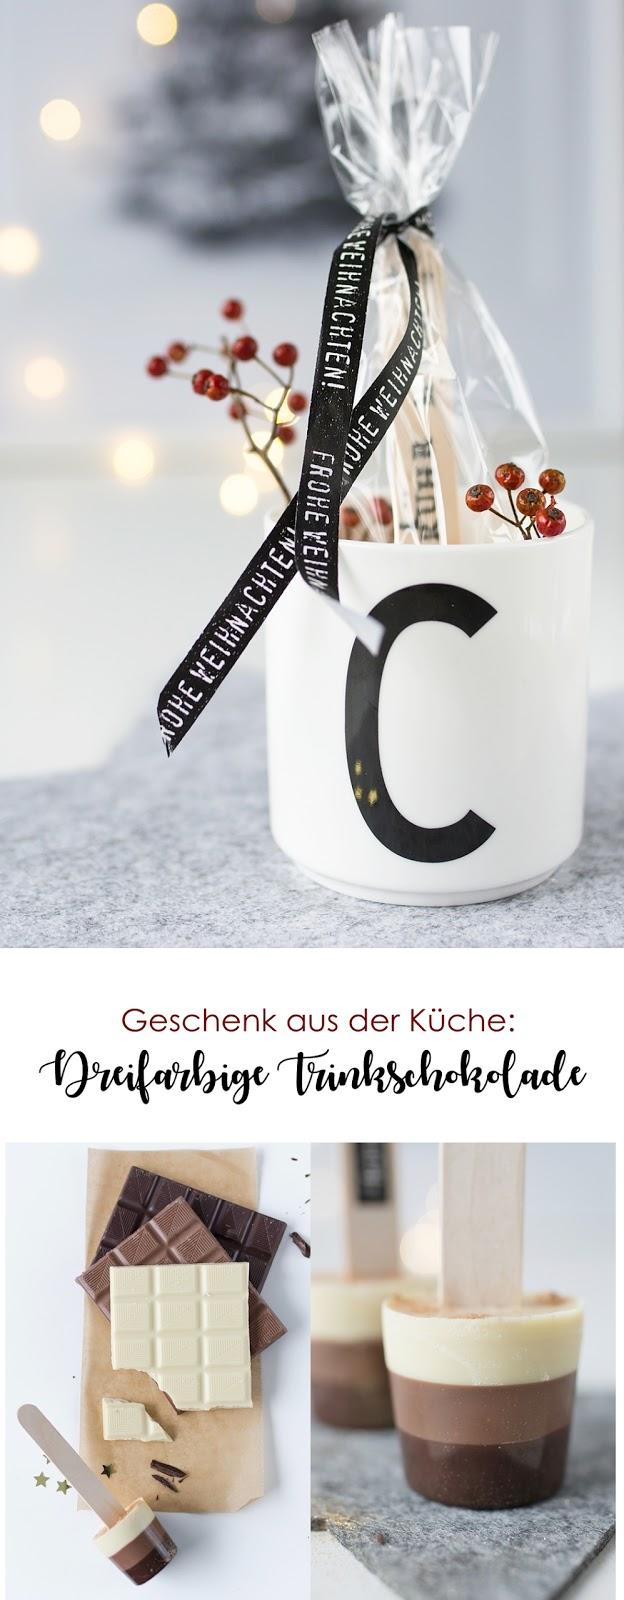 Genuss in der Tasse: Dreifarbige Trinkschokolade als Weihnachtsgeschenk